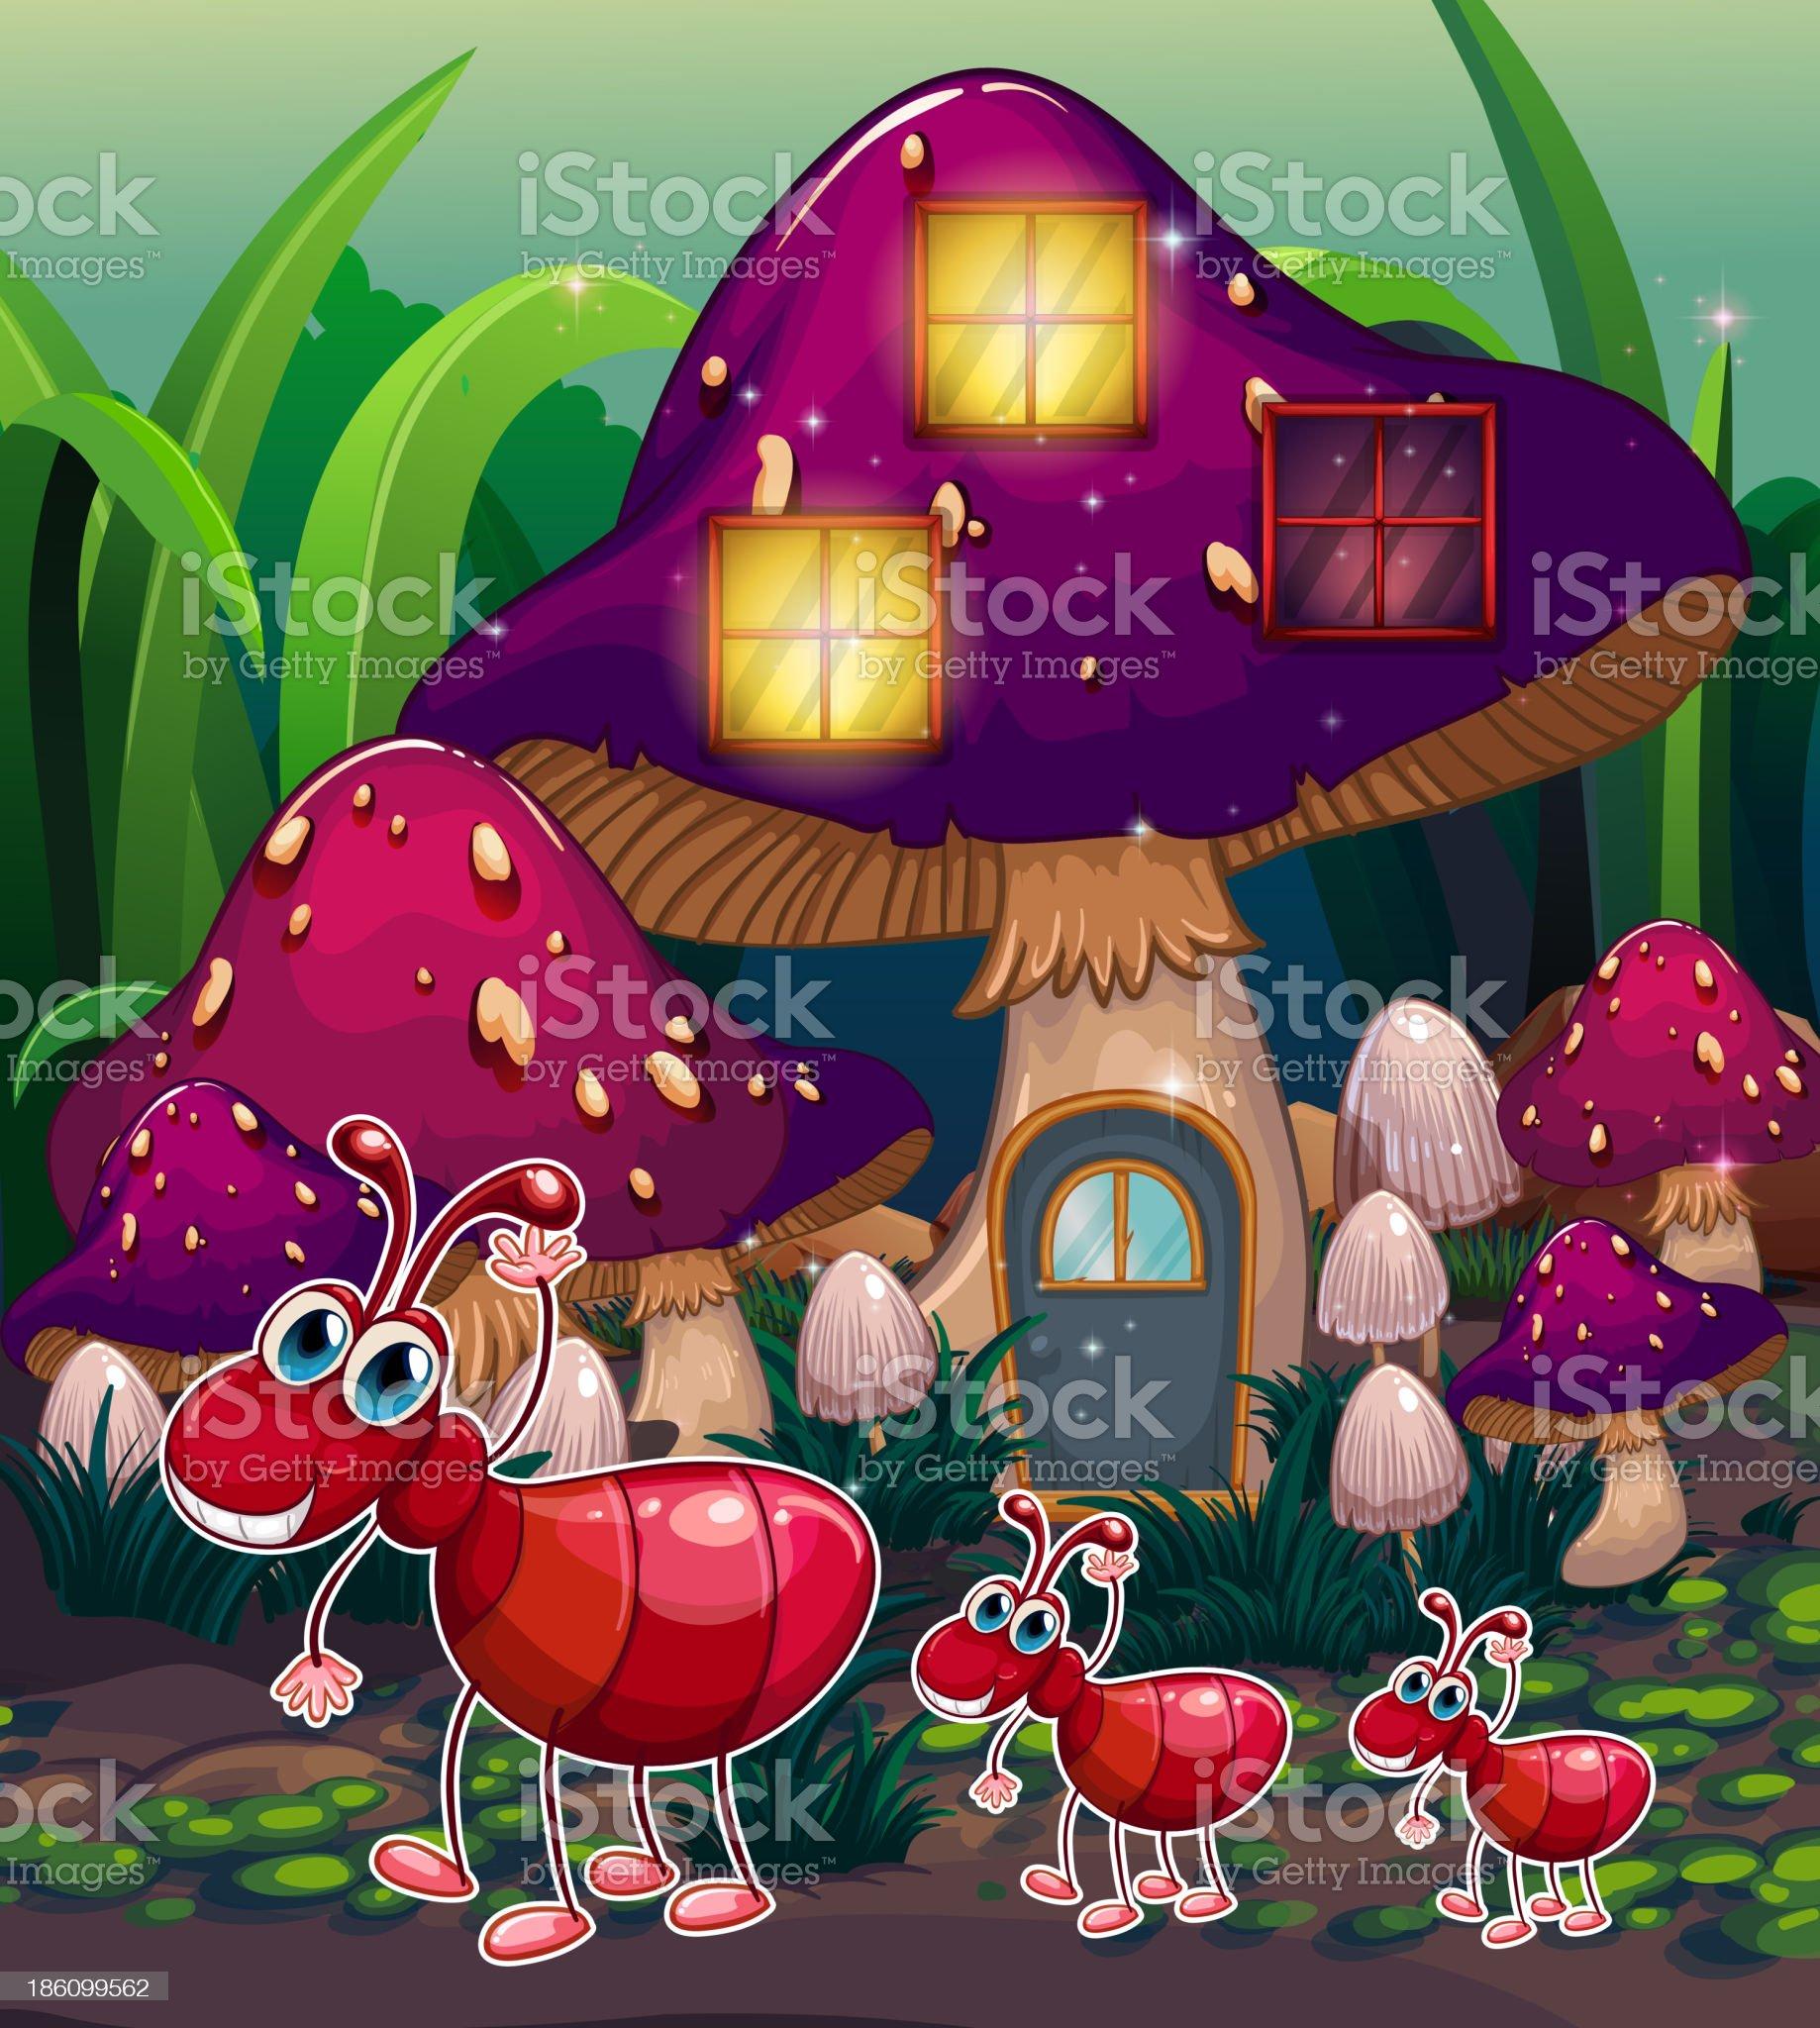 colony of ants near the mushroom house royalty-free stock vector art